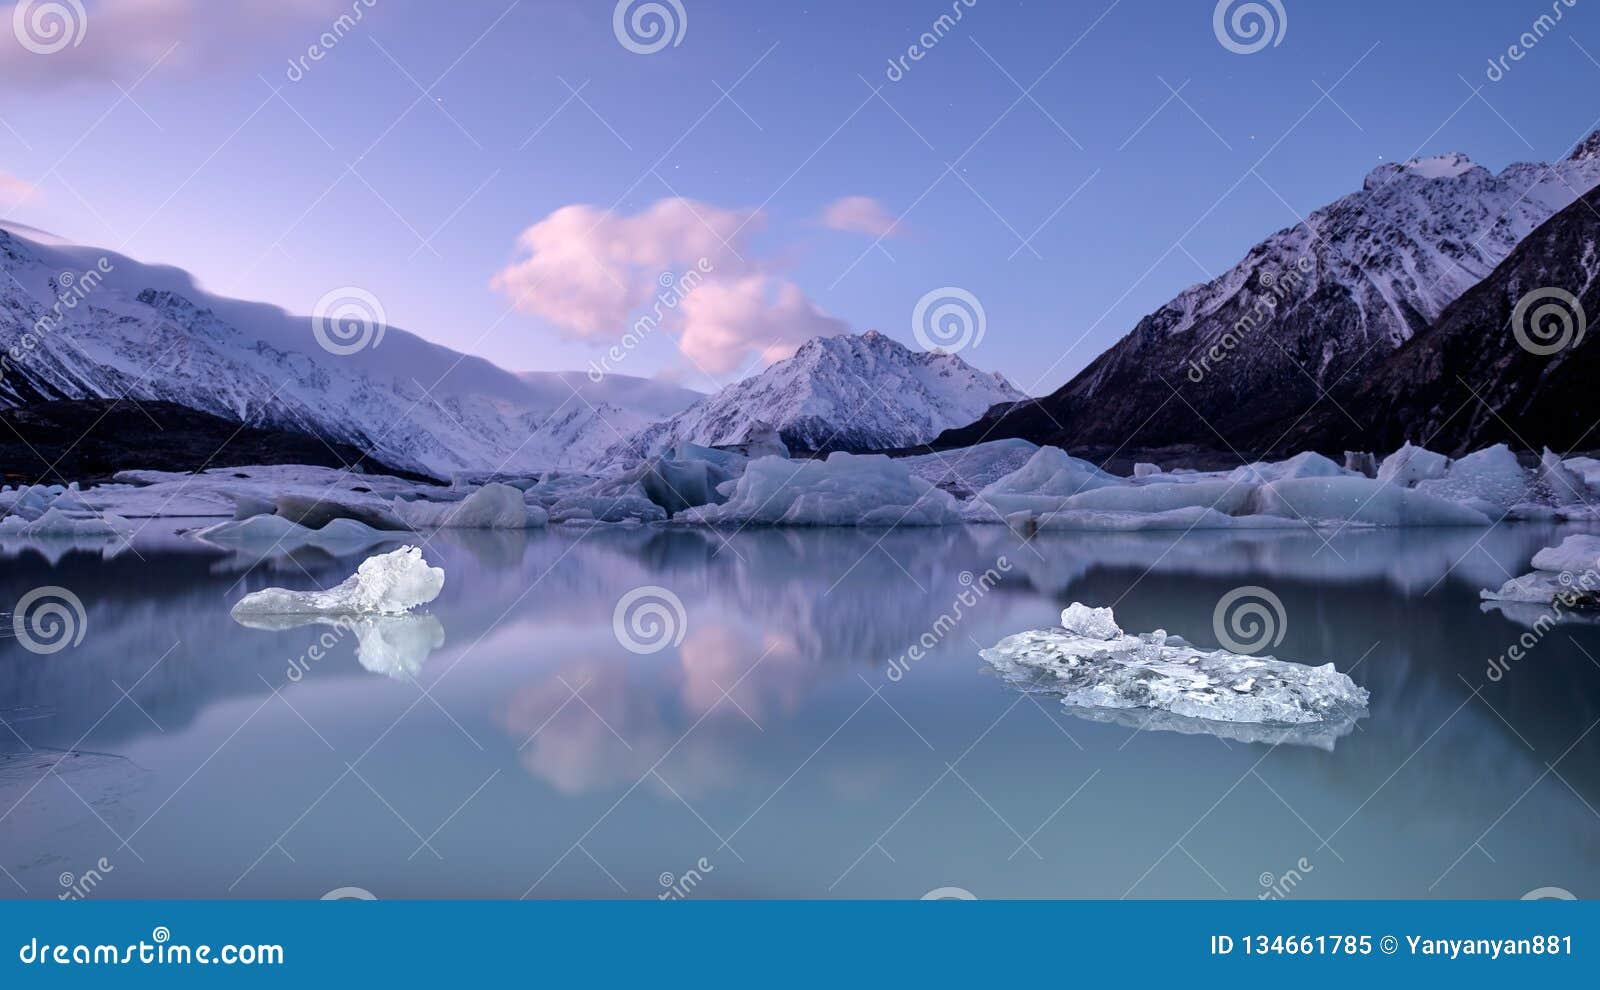 Мирный ландшафт горы льда, ледника, озера и снега в Новой Зеландии